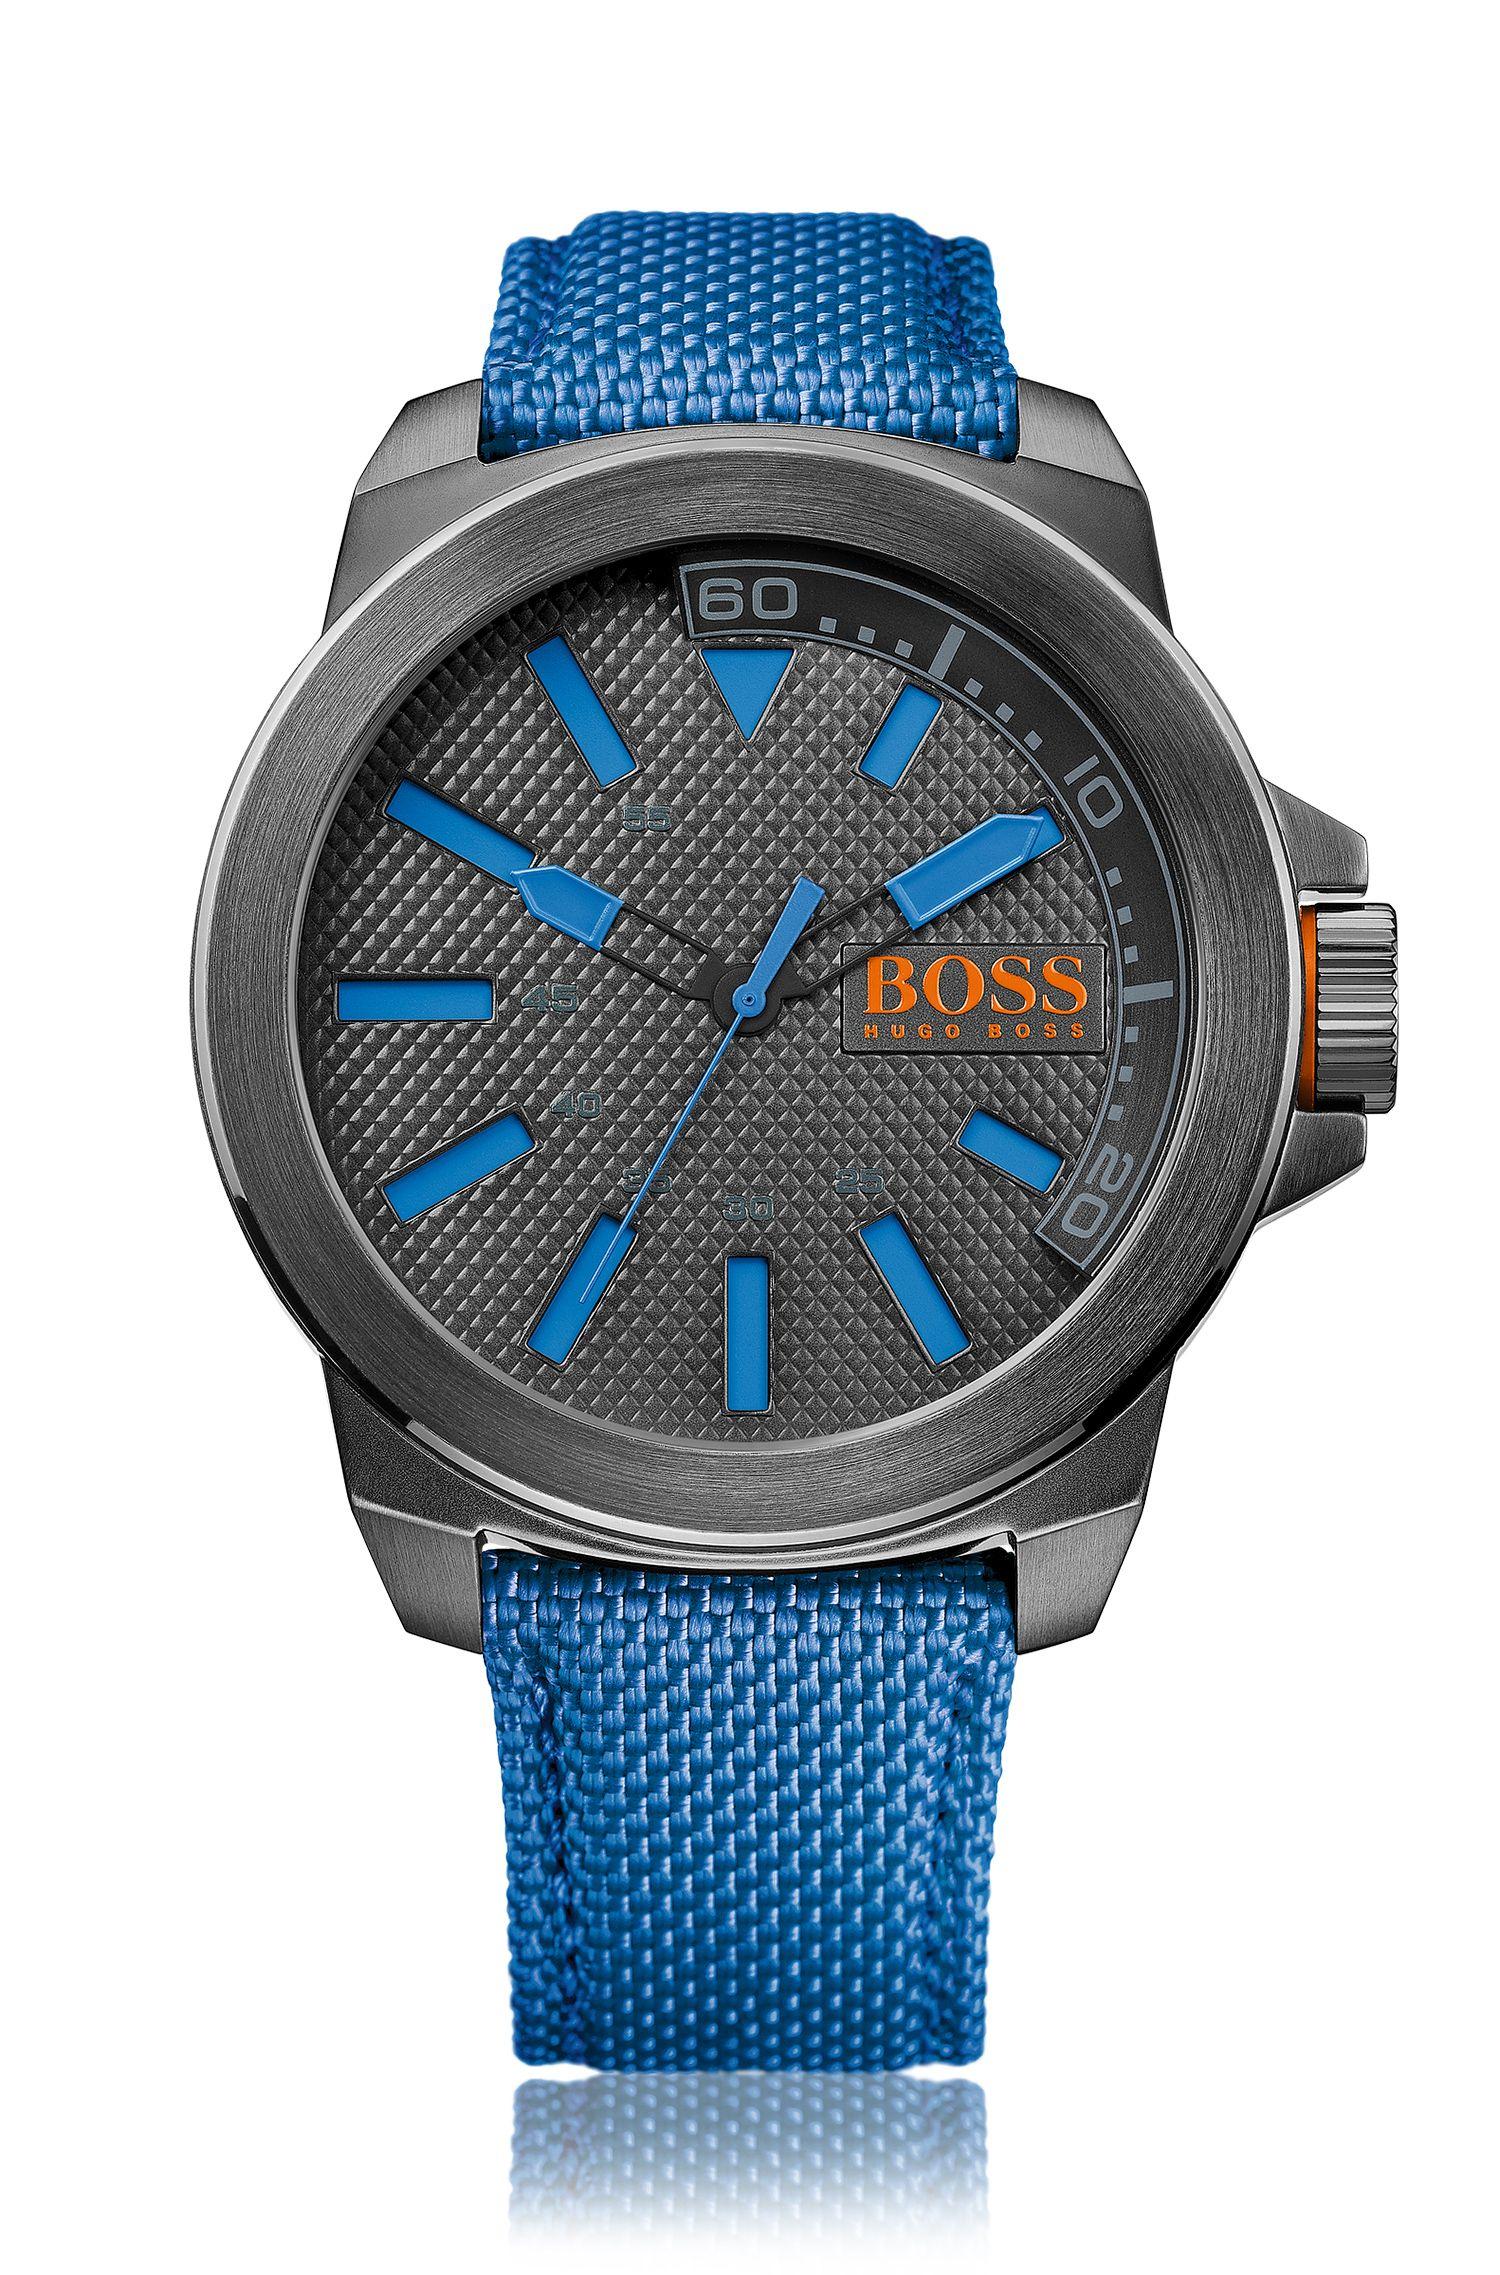 Horloge met drie wijzers en polsband van stof